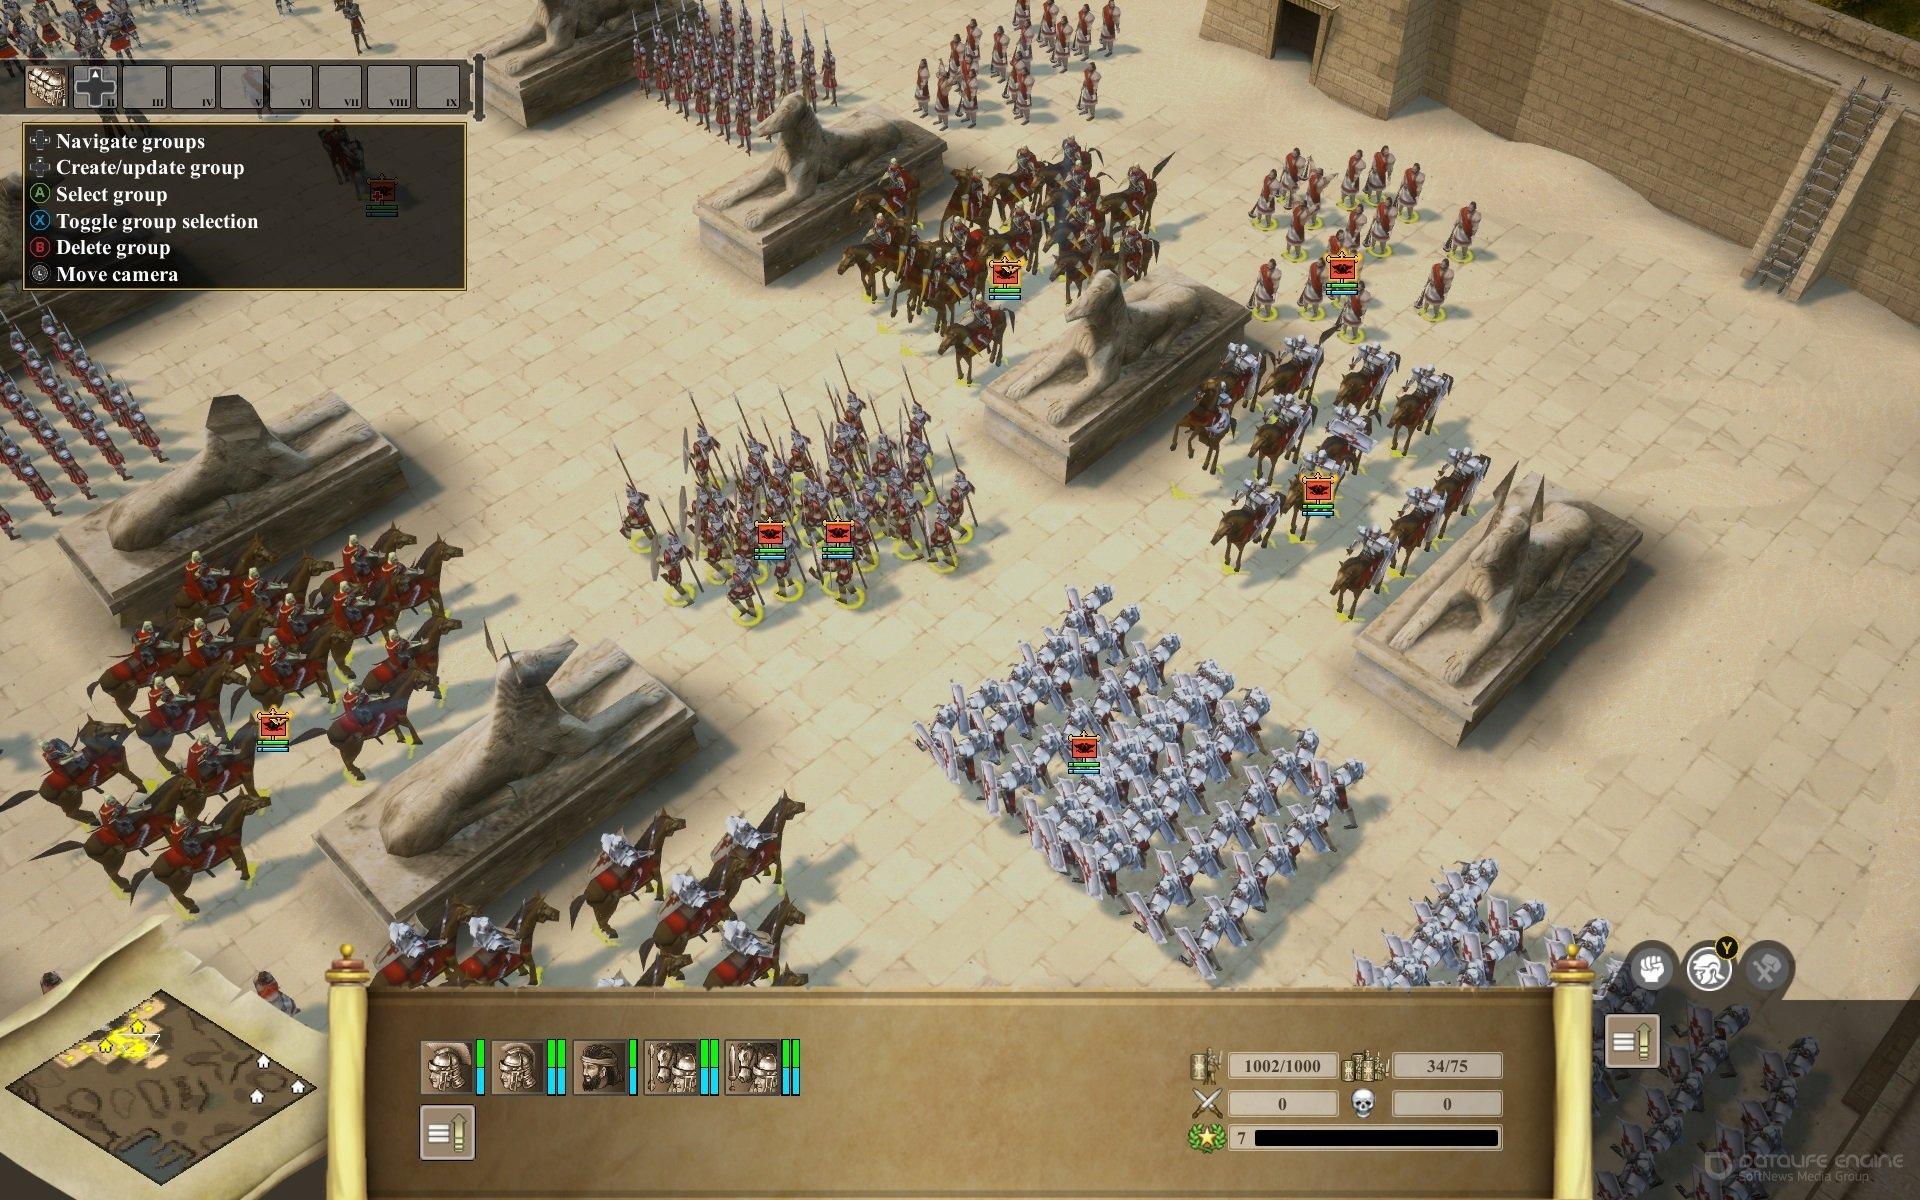 Скриншот к игре Praetorians - HD Remaster v.1.02 [GOG] (2003-2020) скачать торрент Лицензия